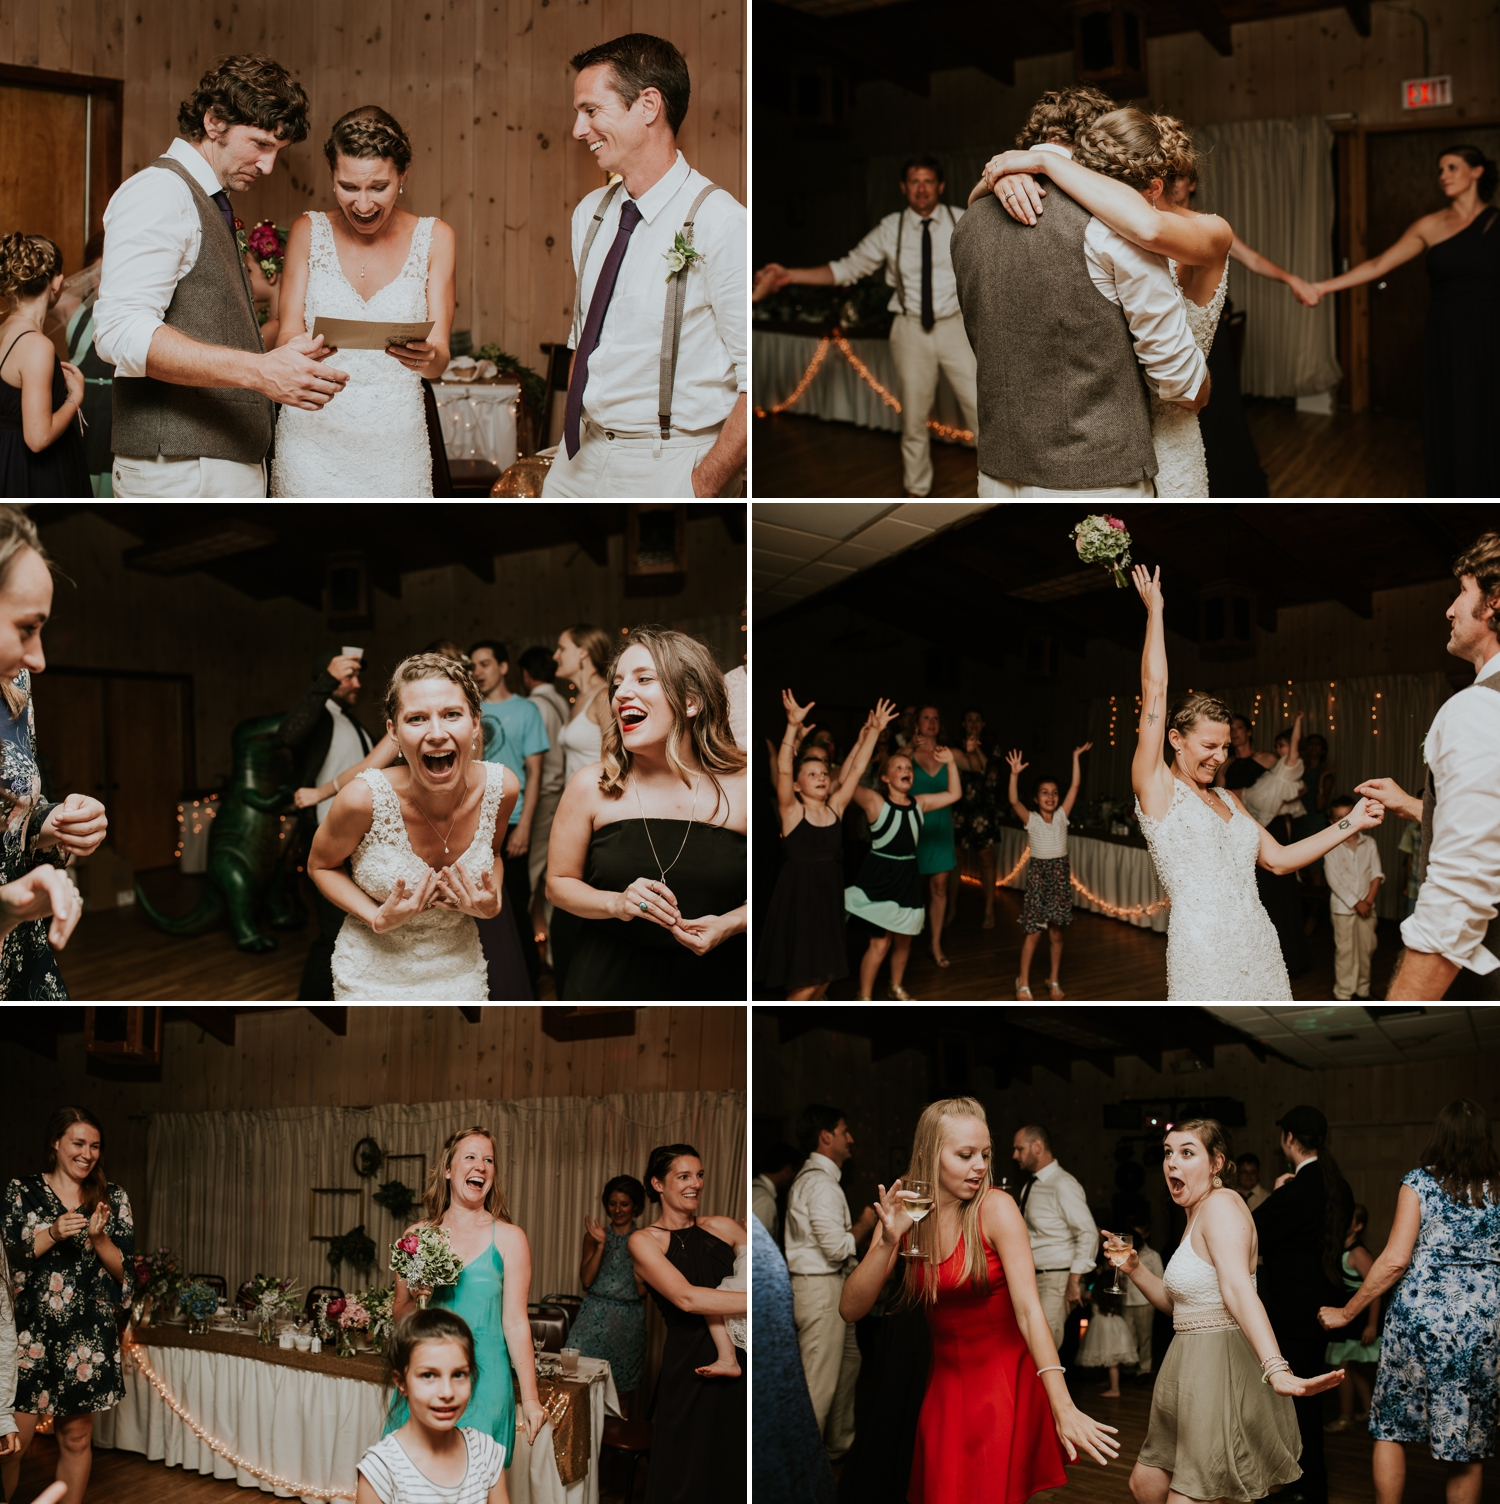 rhinelander-wisconsin-holiday-acres-lakeside-wedding-photographer 123.jpg